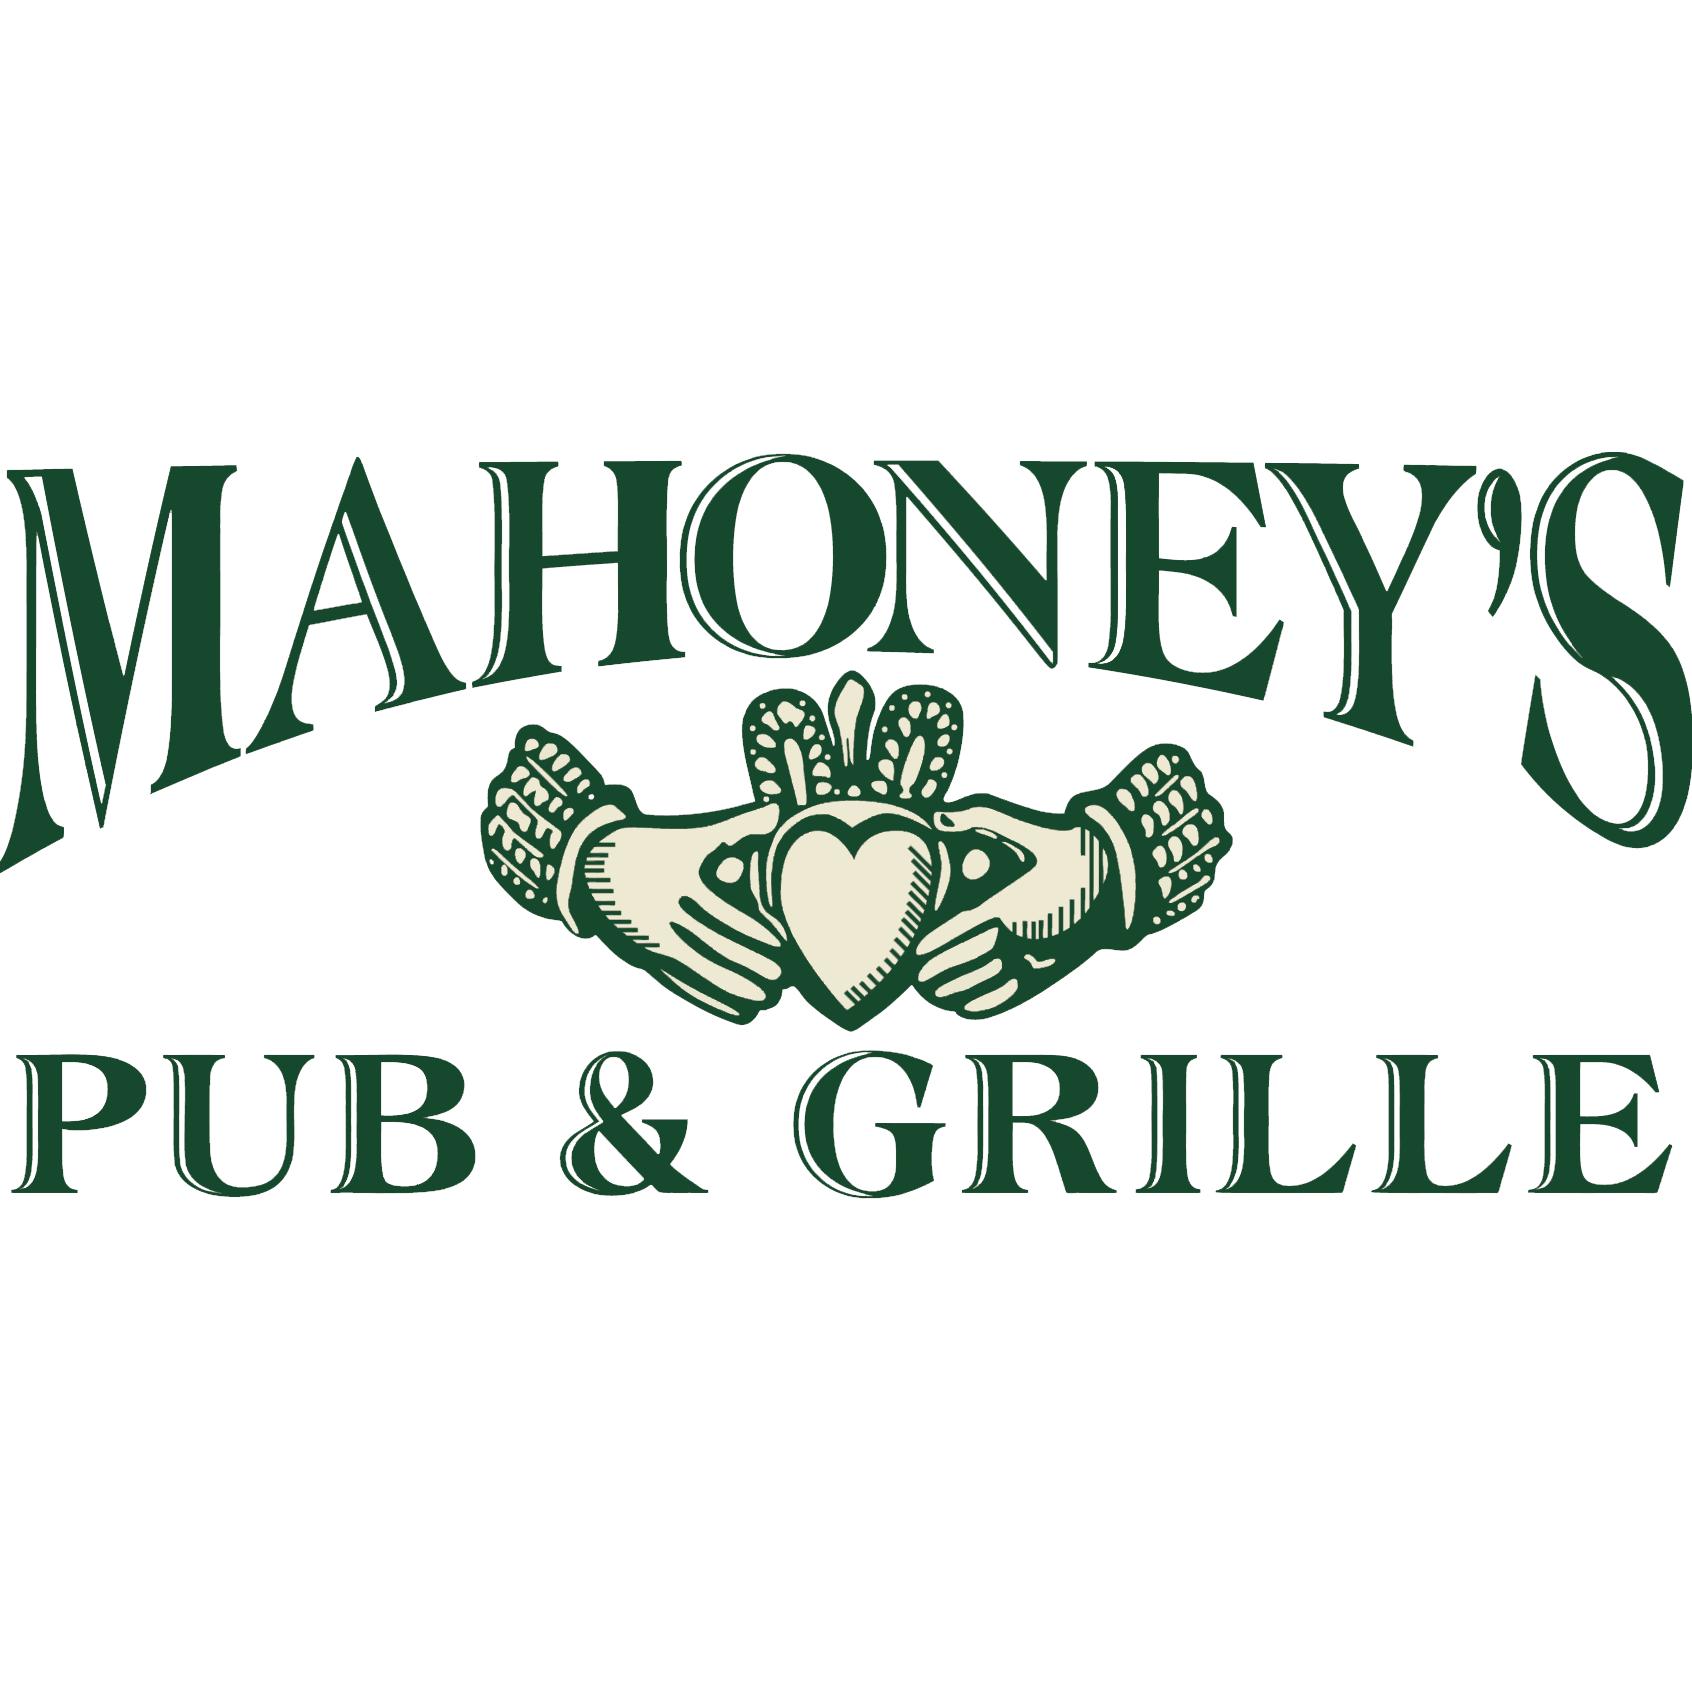 Mahoney's Pub